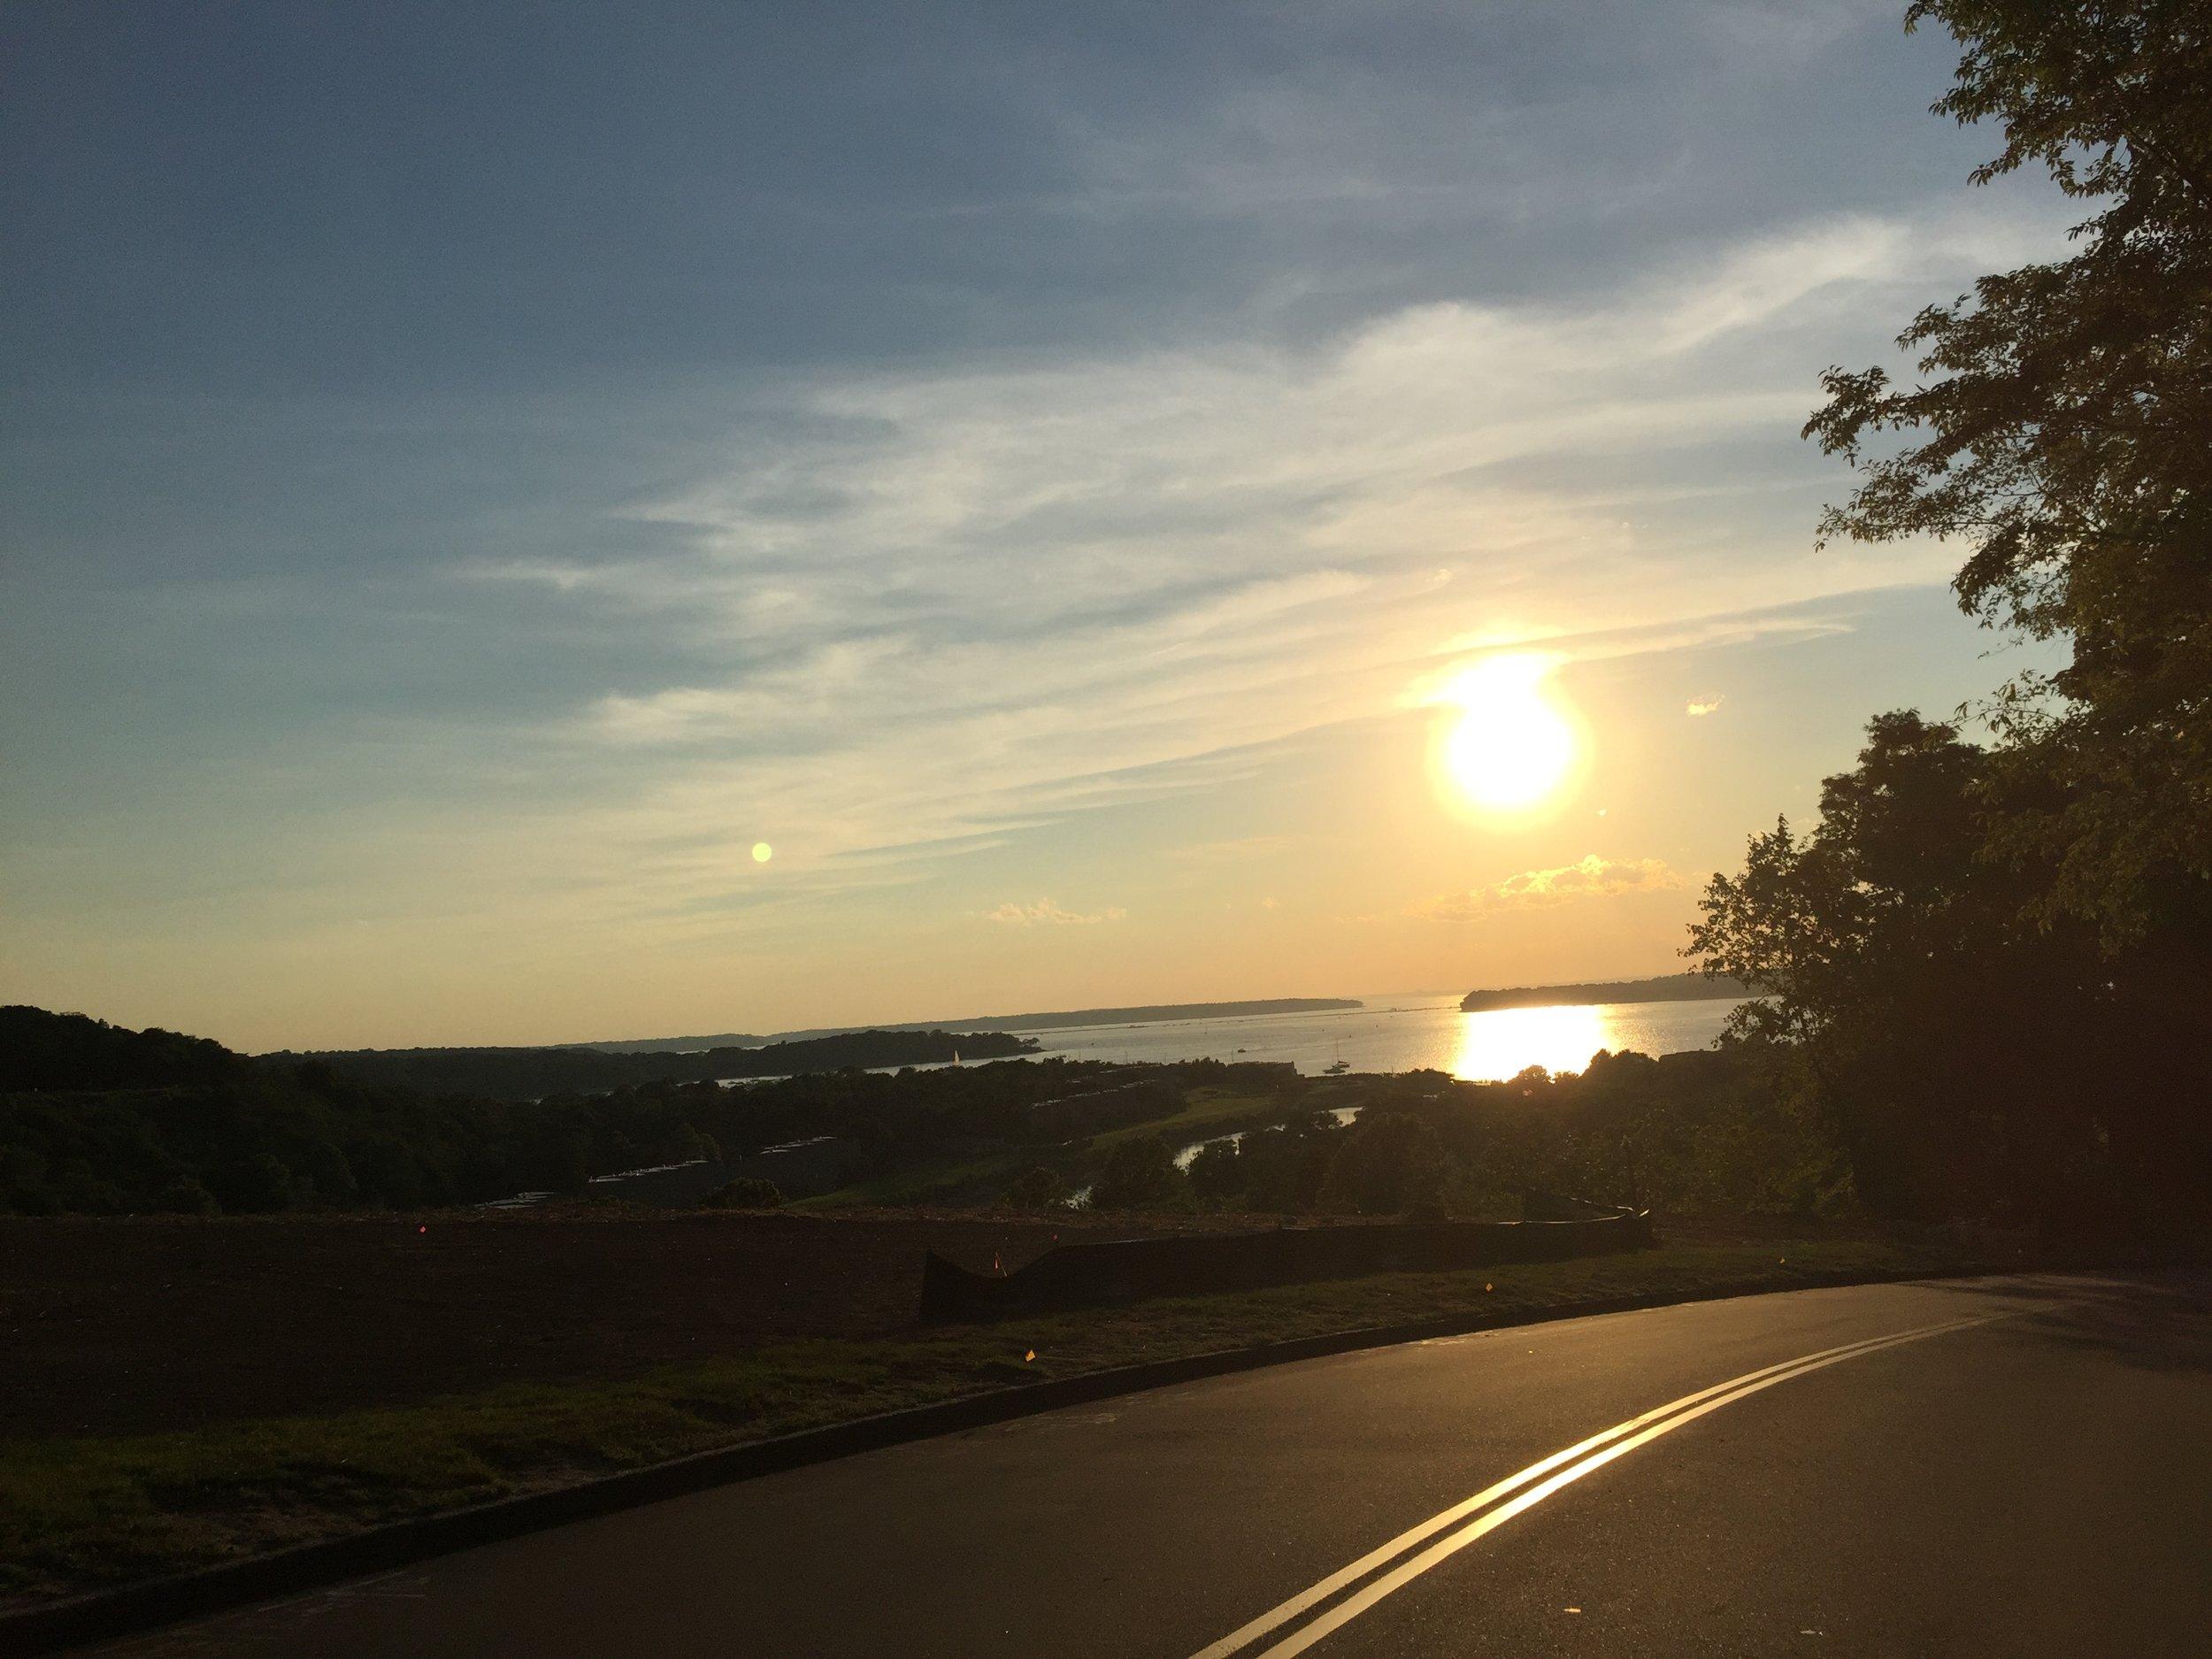 Windows down, enjoying a drive in beautiful Long Island